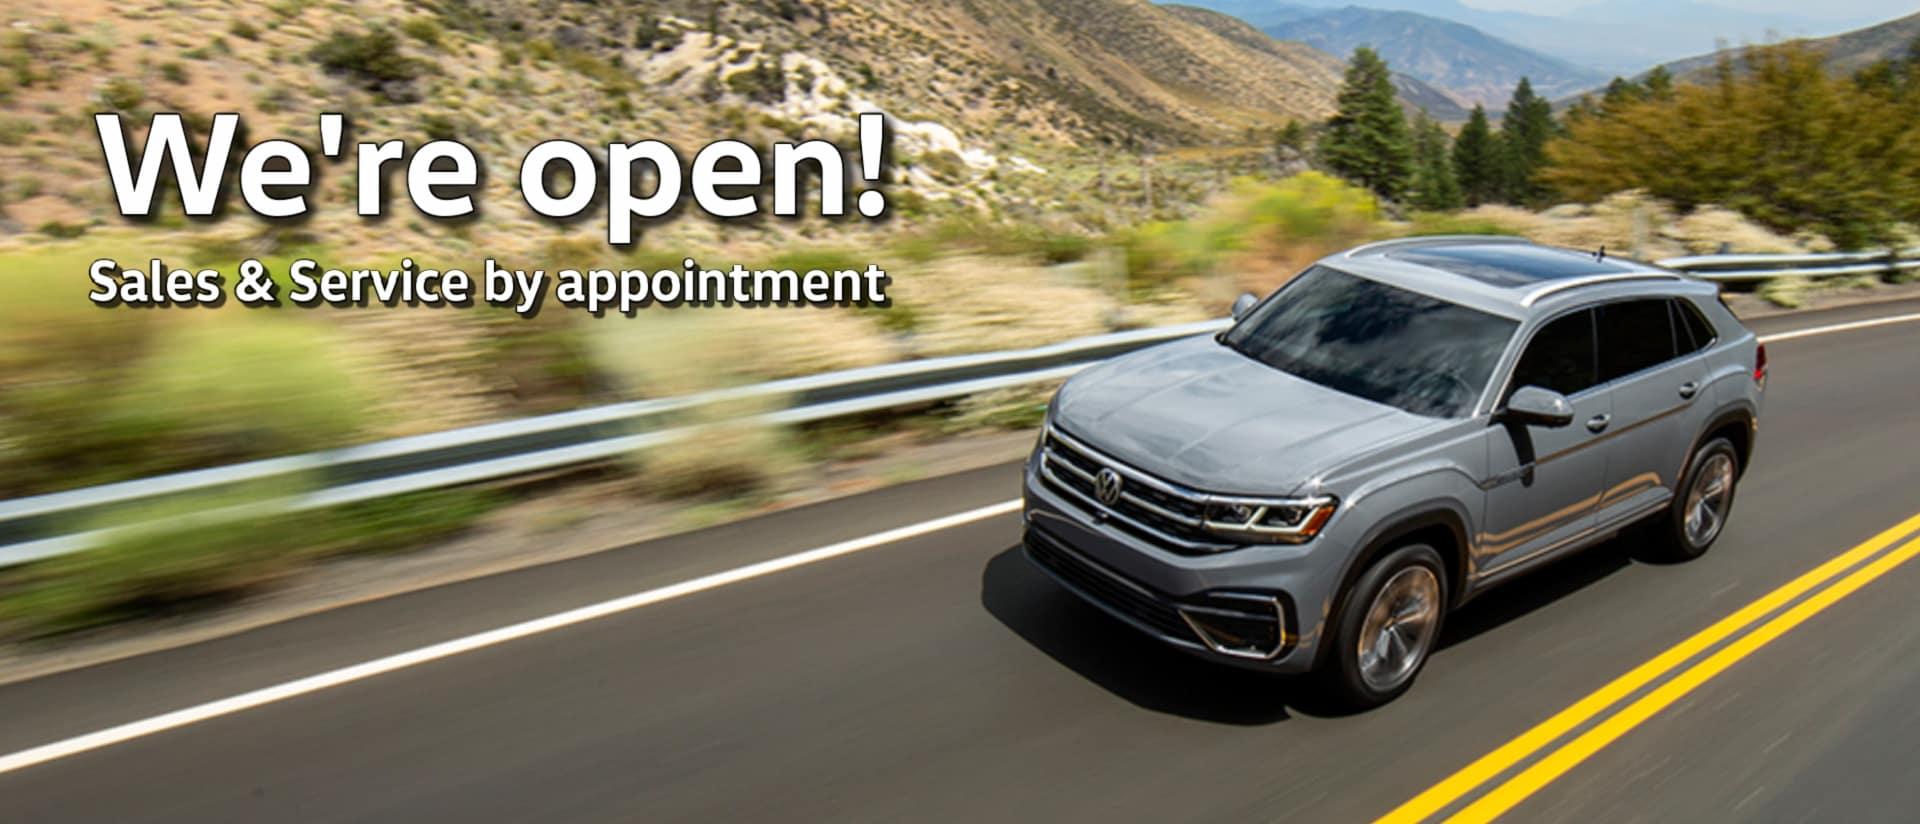 We're Open VW